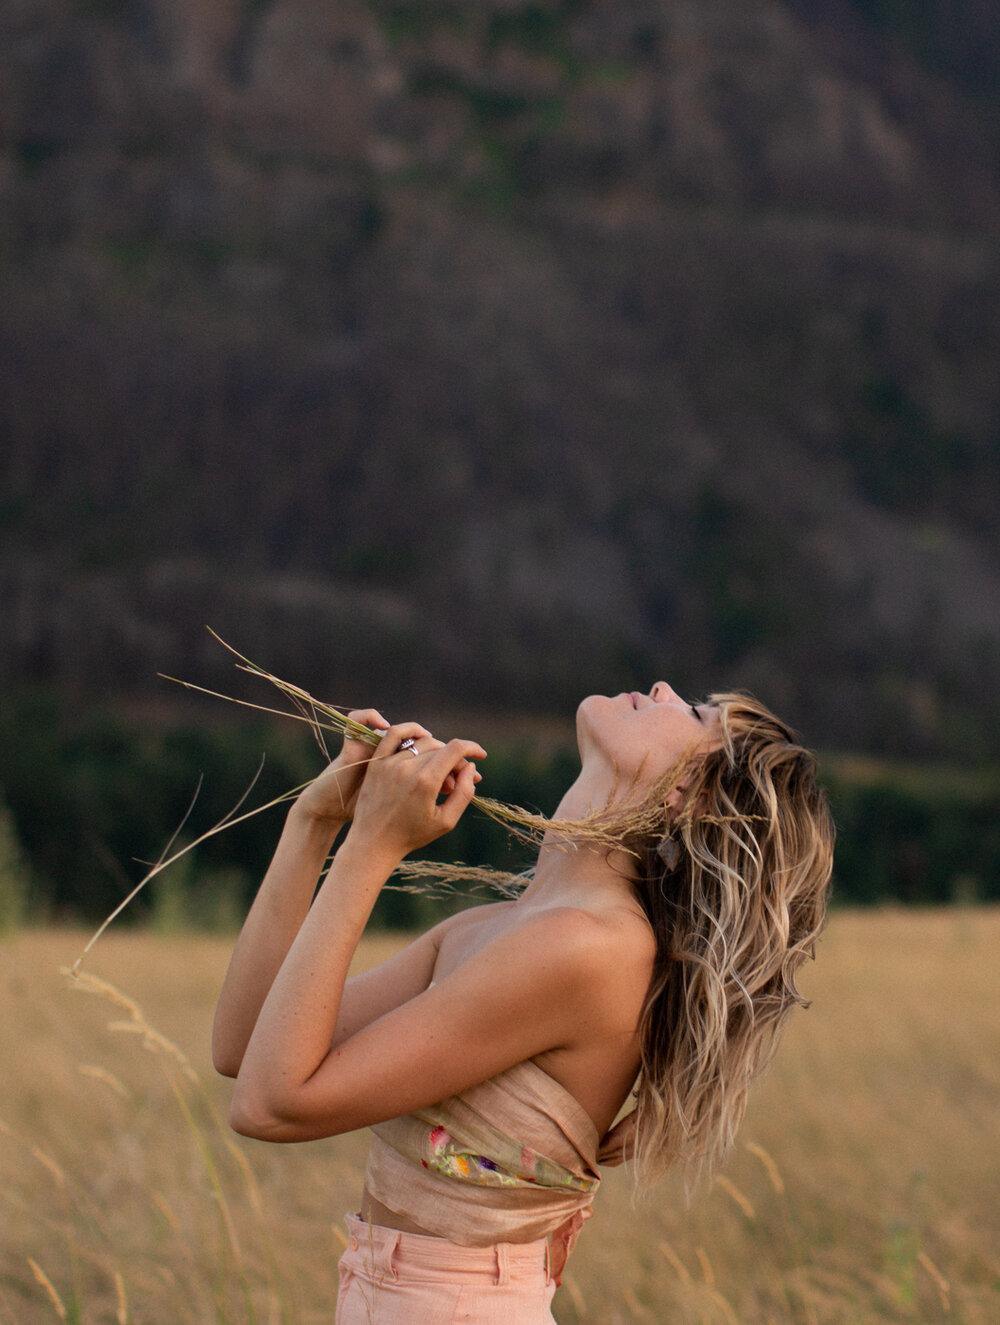 Sacred_Self_Love_Session_OliviaAshtonPhotography-1-2.jpg